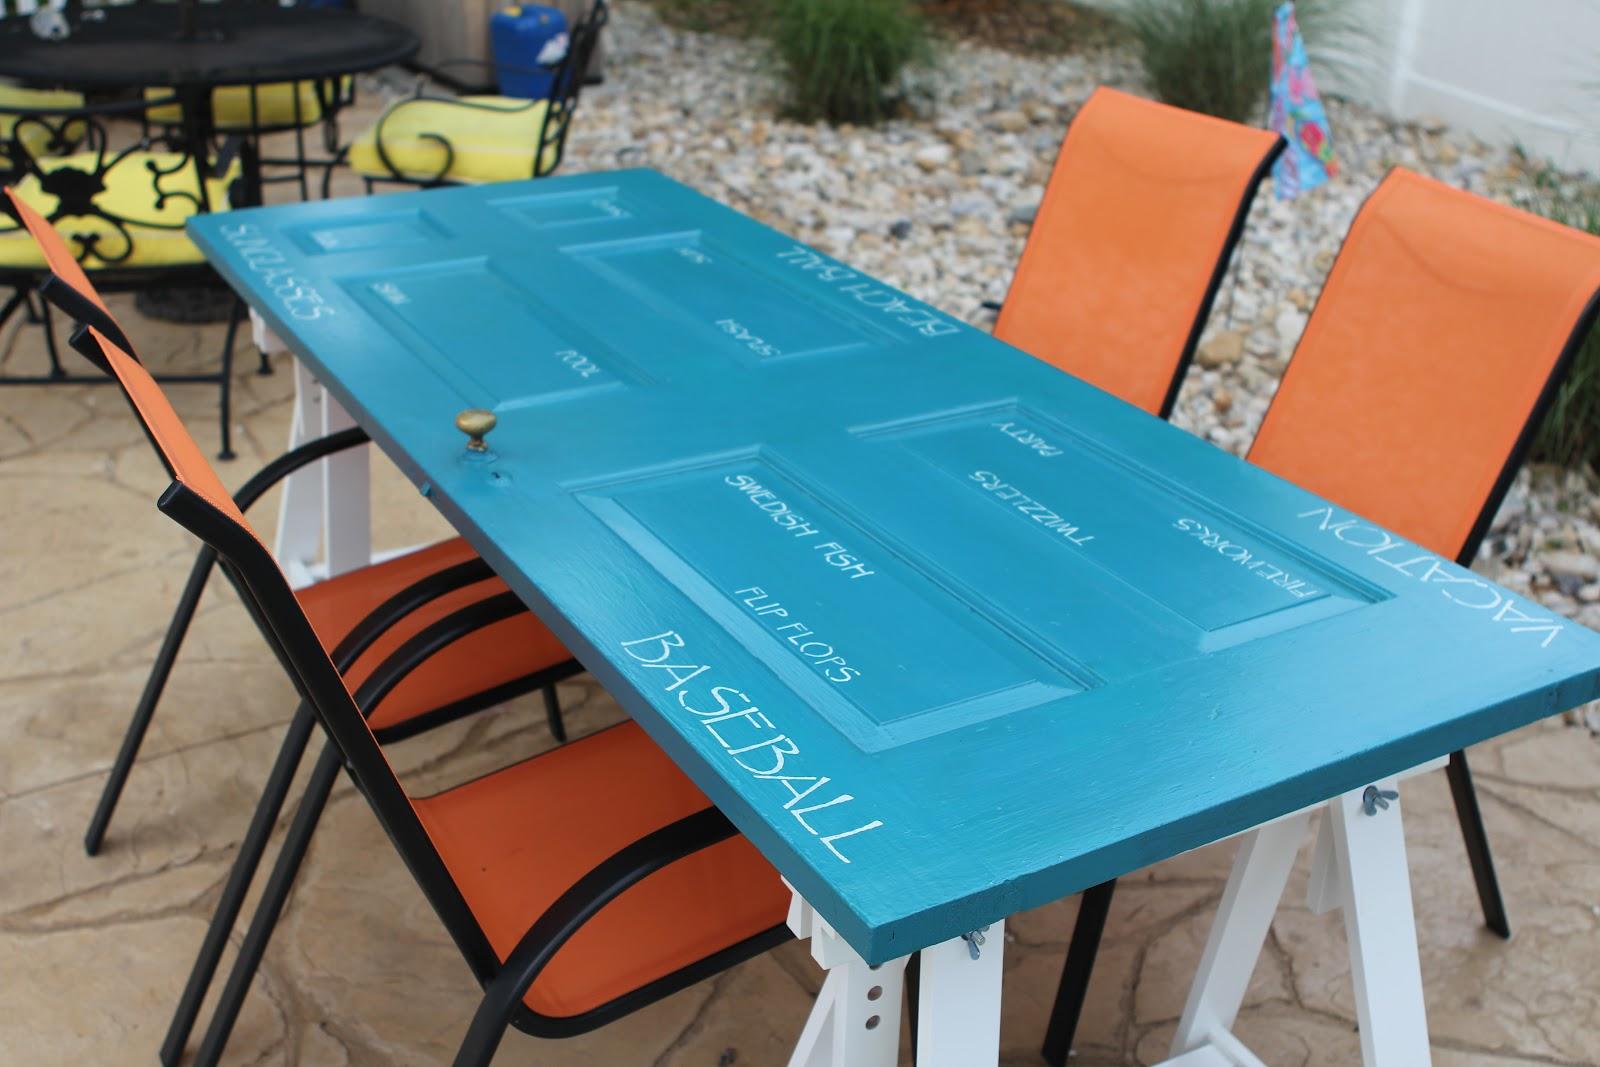 Bsm House 2 0 Door Table Get A Piece Of Bsm